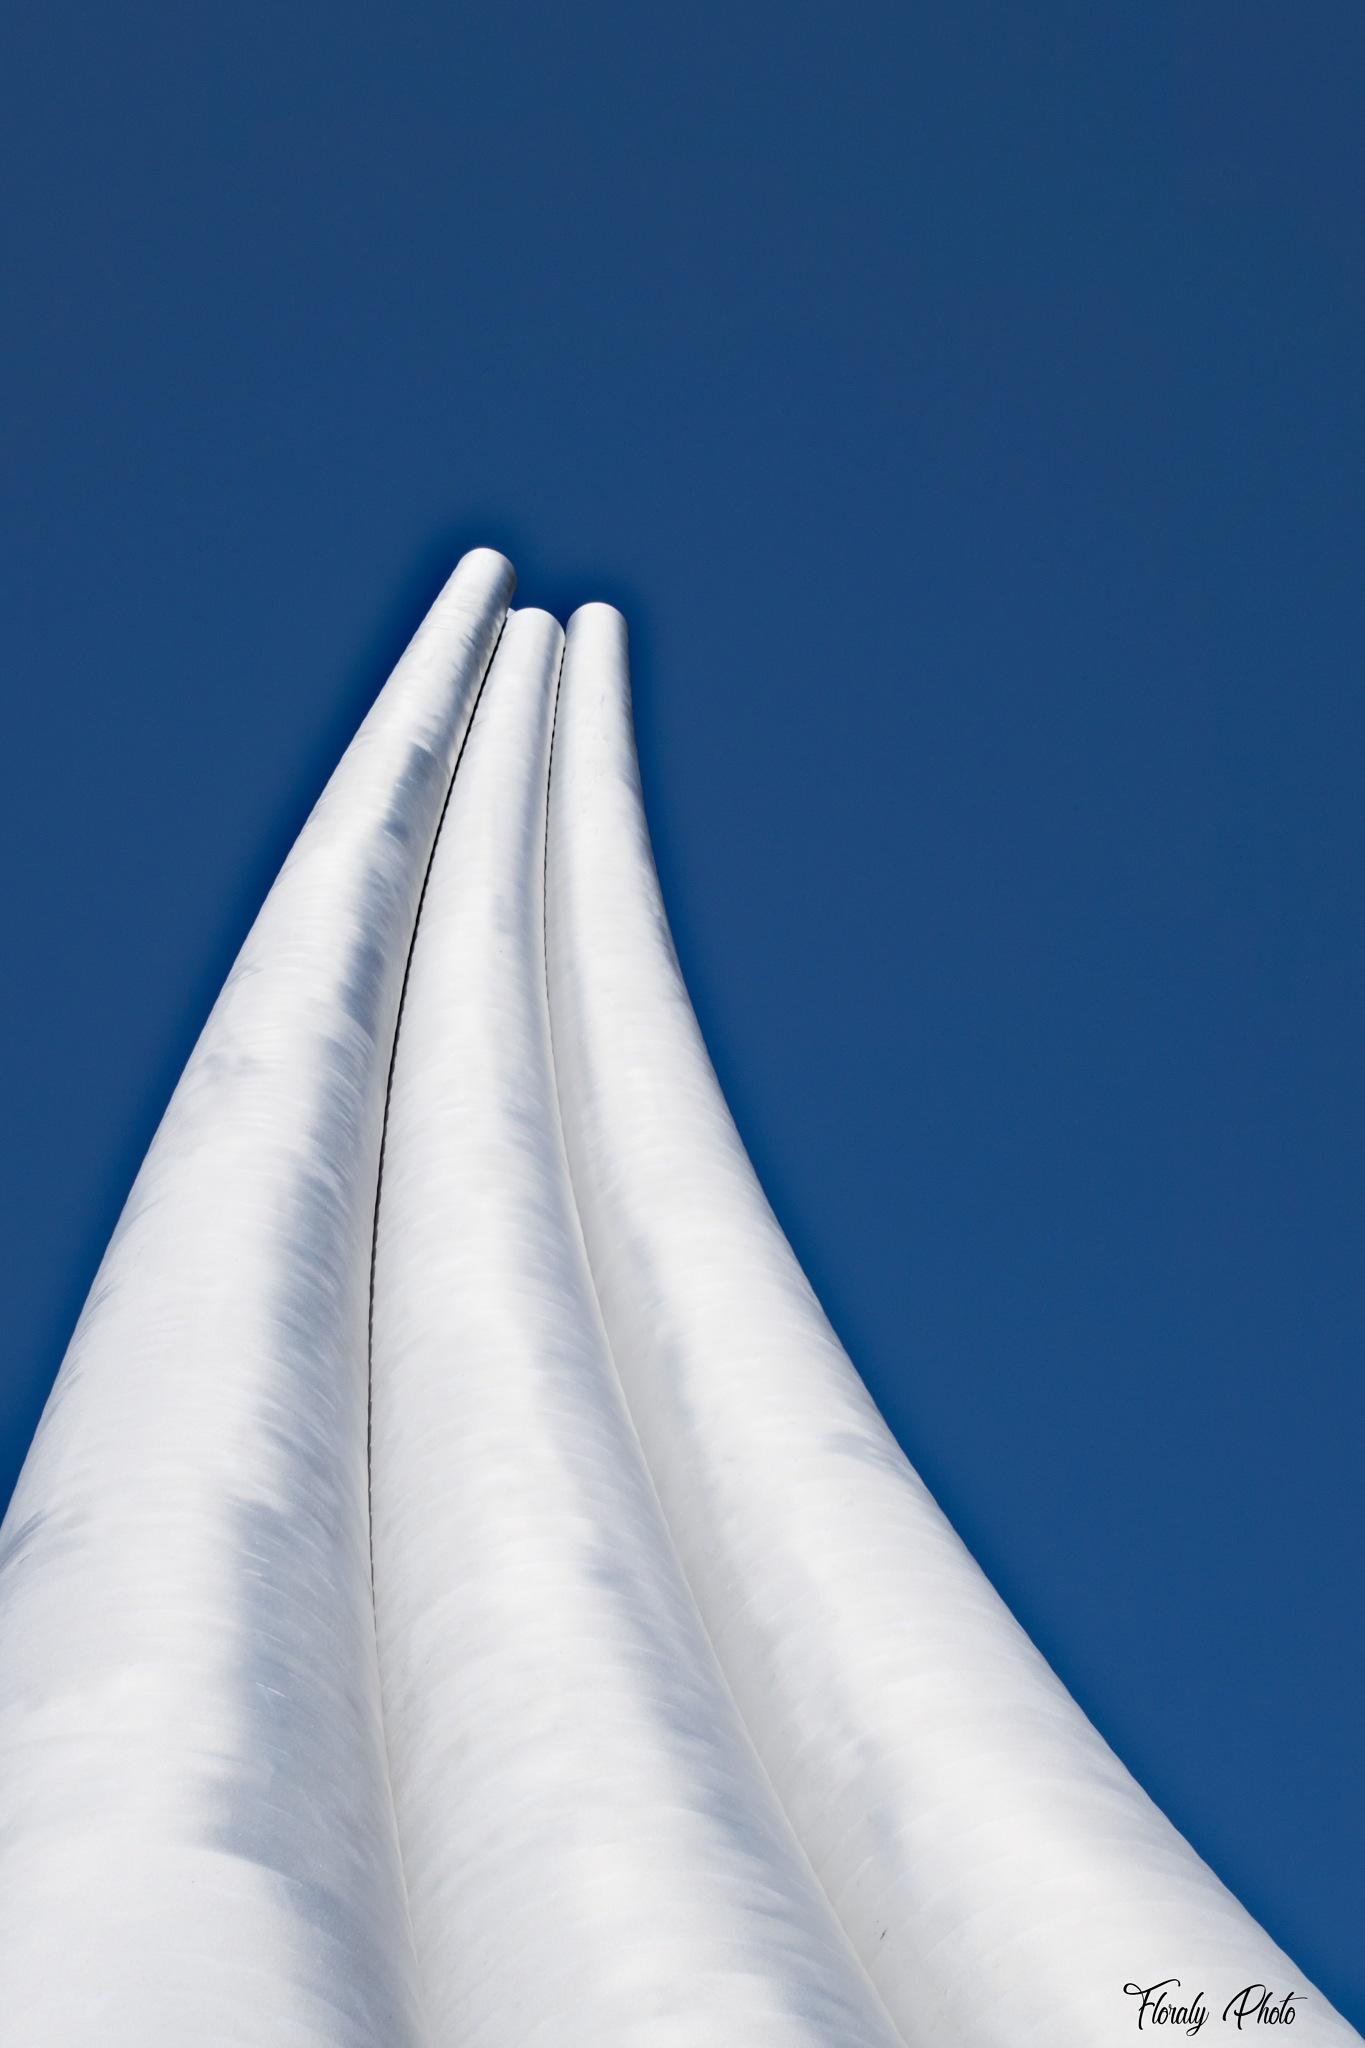 Trois-Rivières - Les 3 tubes by FloralyPhoto